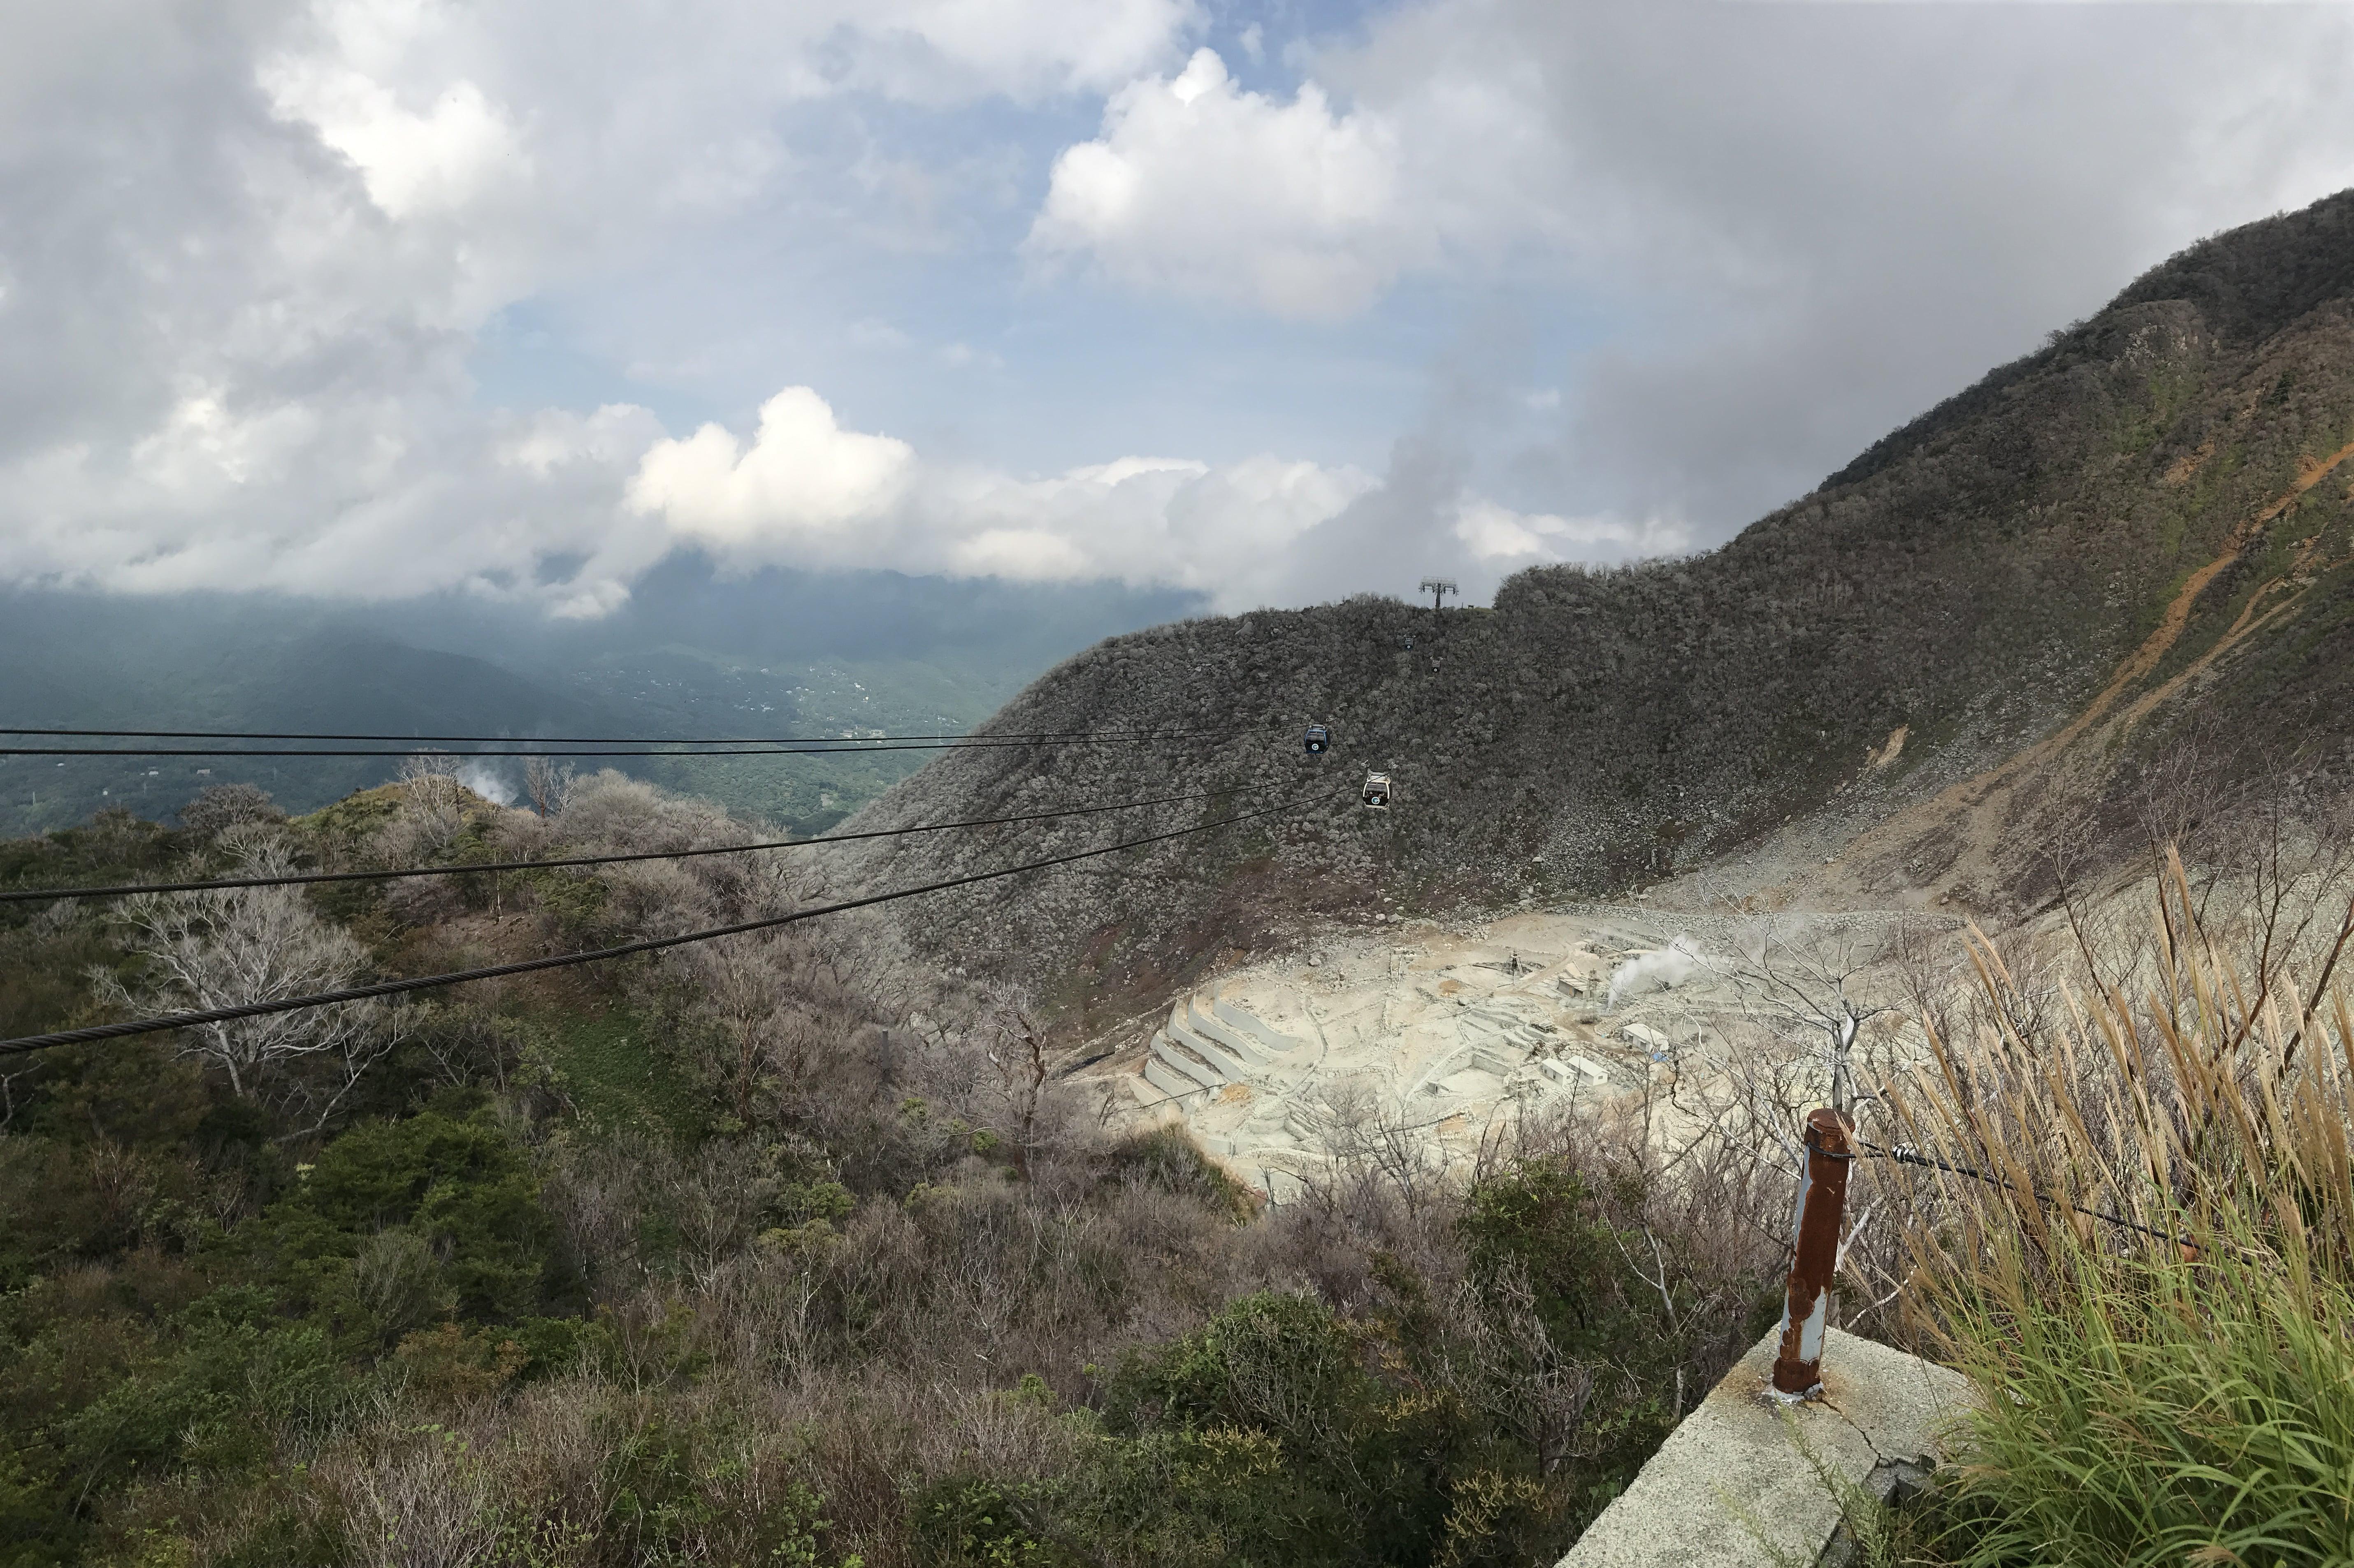 ロープウェイの中から撮った大涌谷の風景